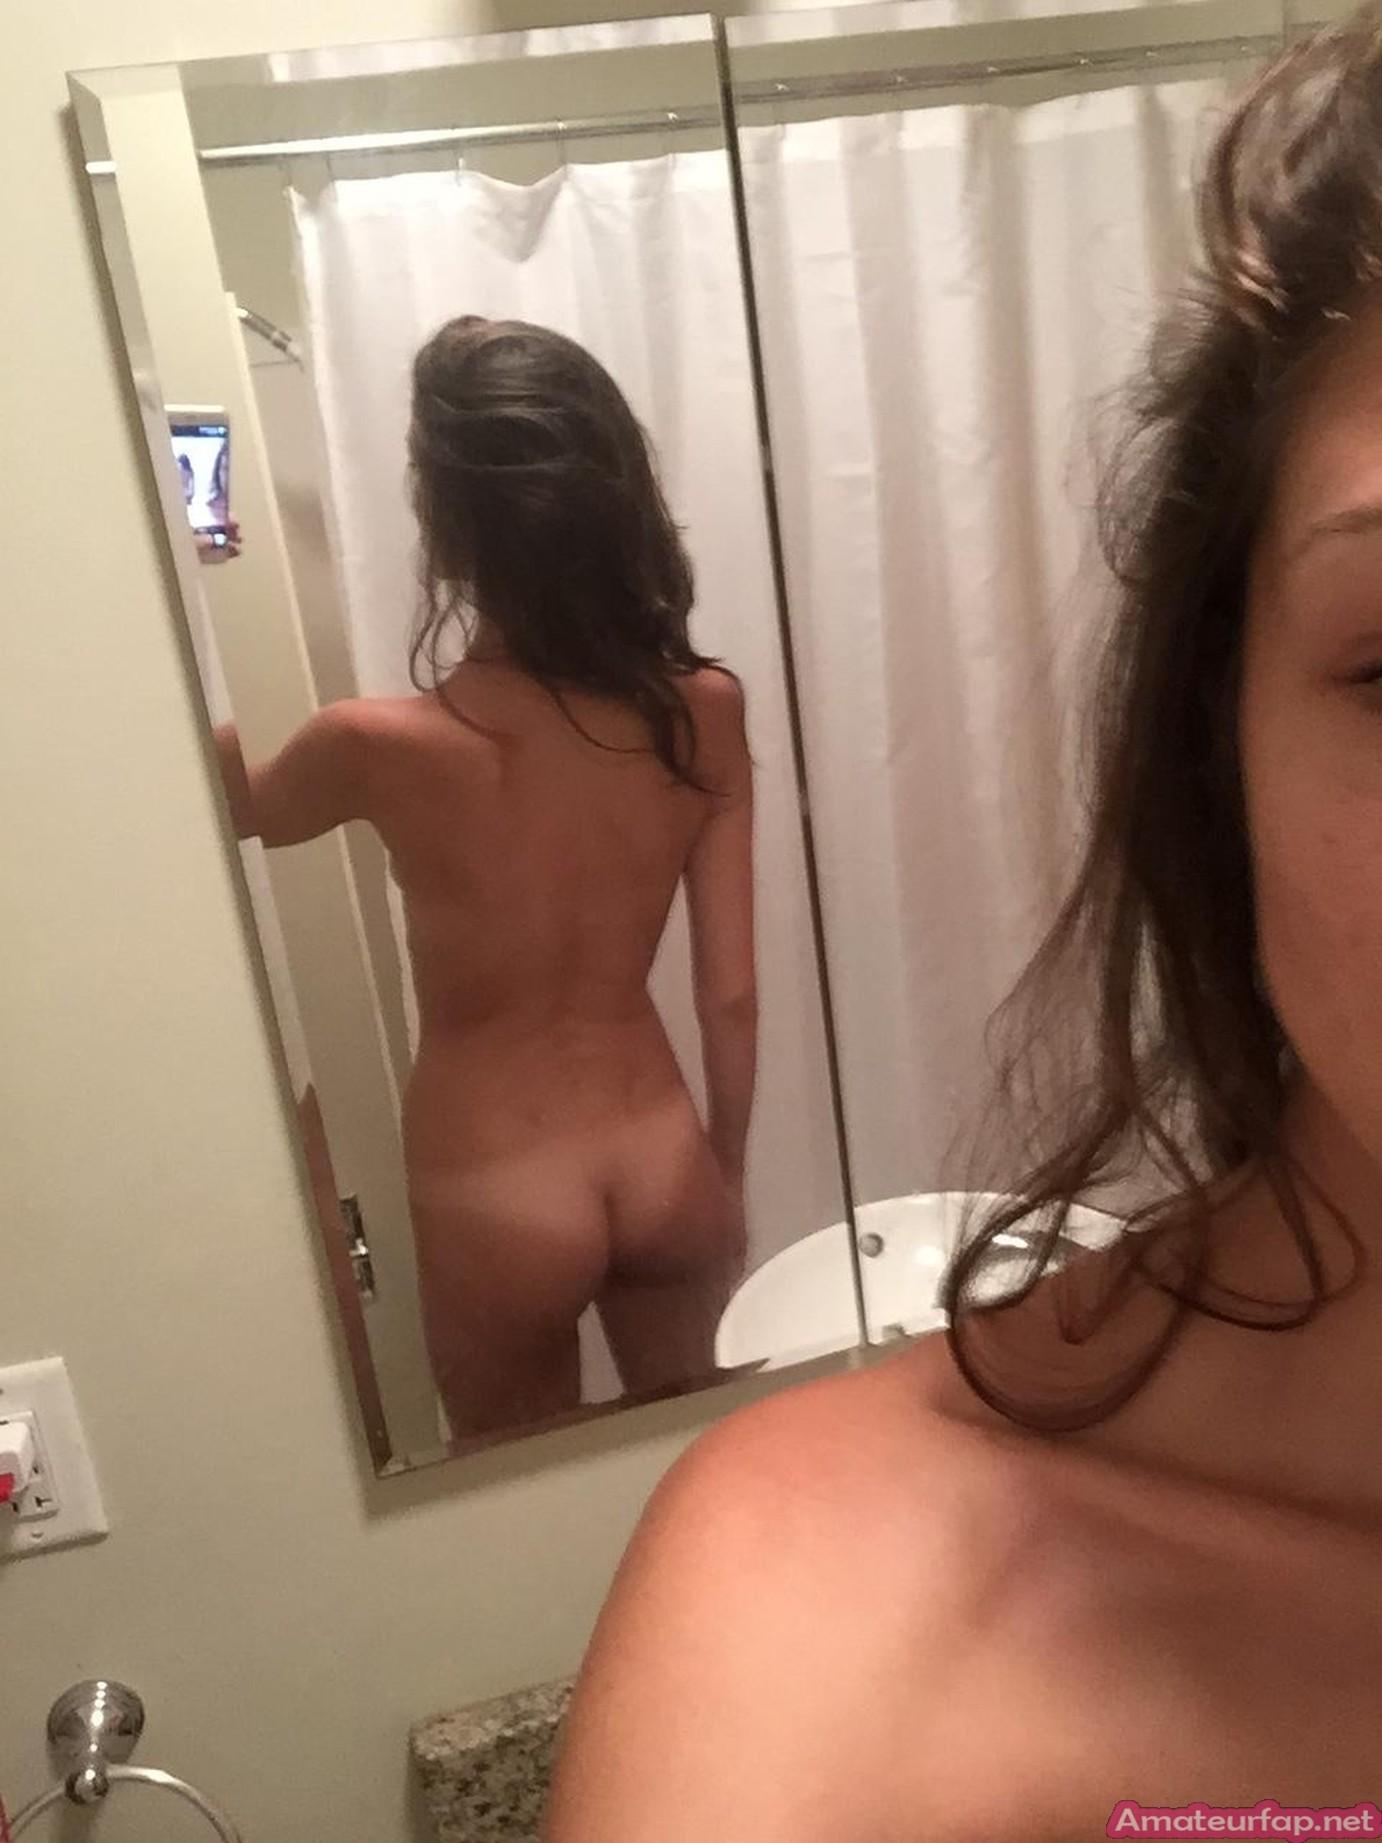 Худая девушка делает фото своих больших половых губ